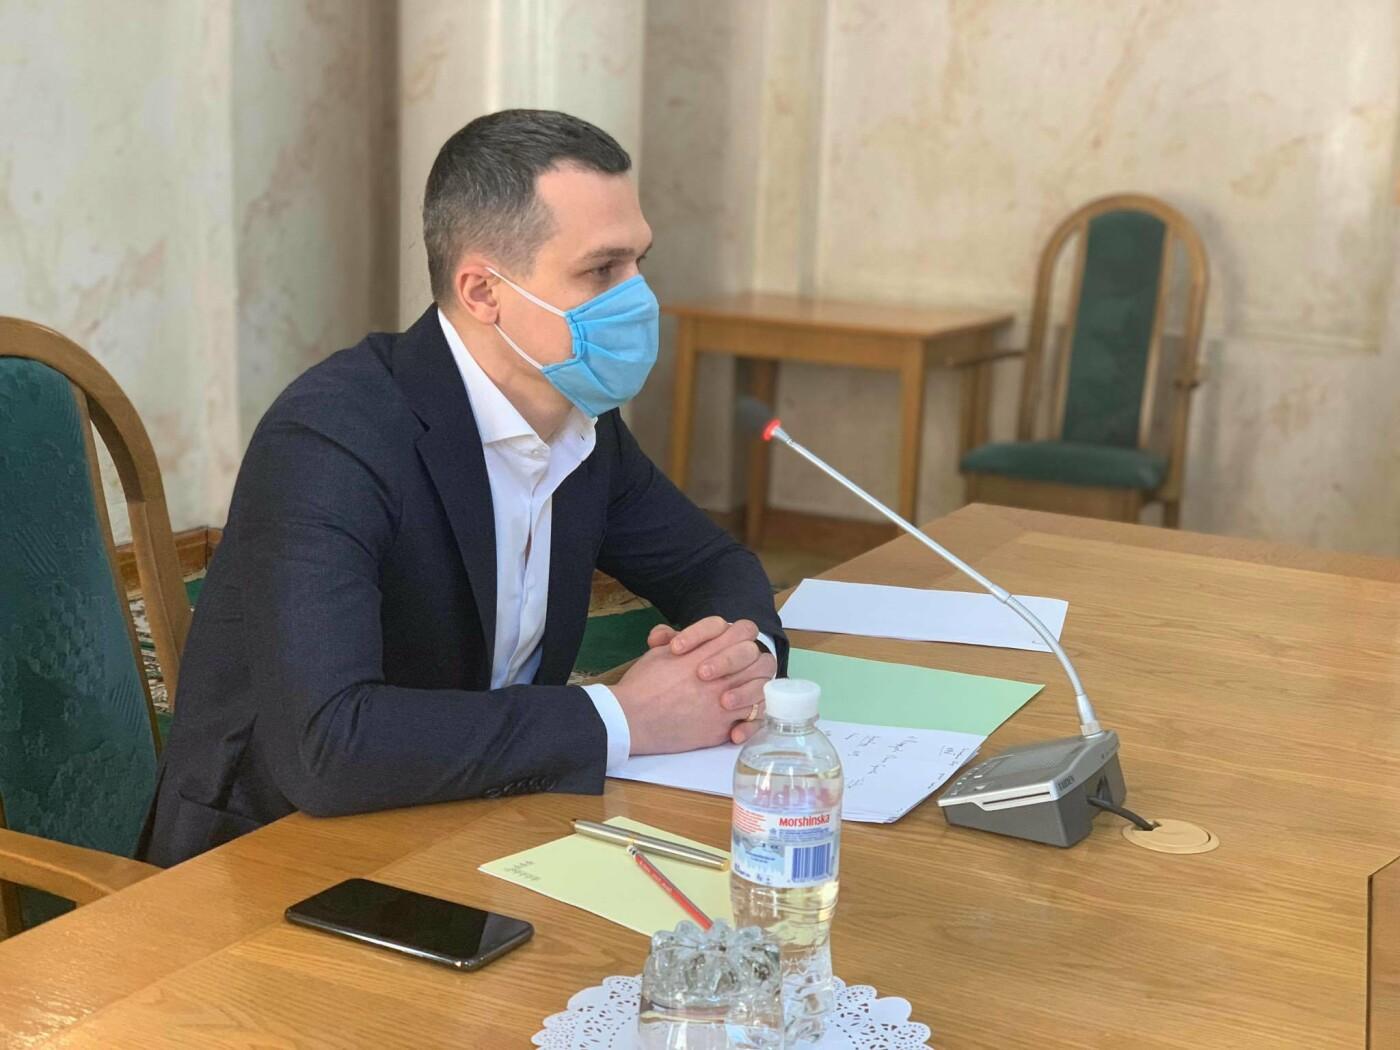 Работу каждой РГА на Харьковщине будут оценивать по новой системе, фото-2